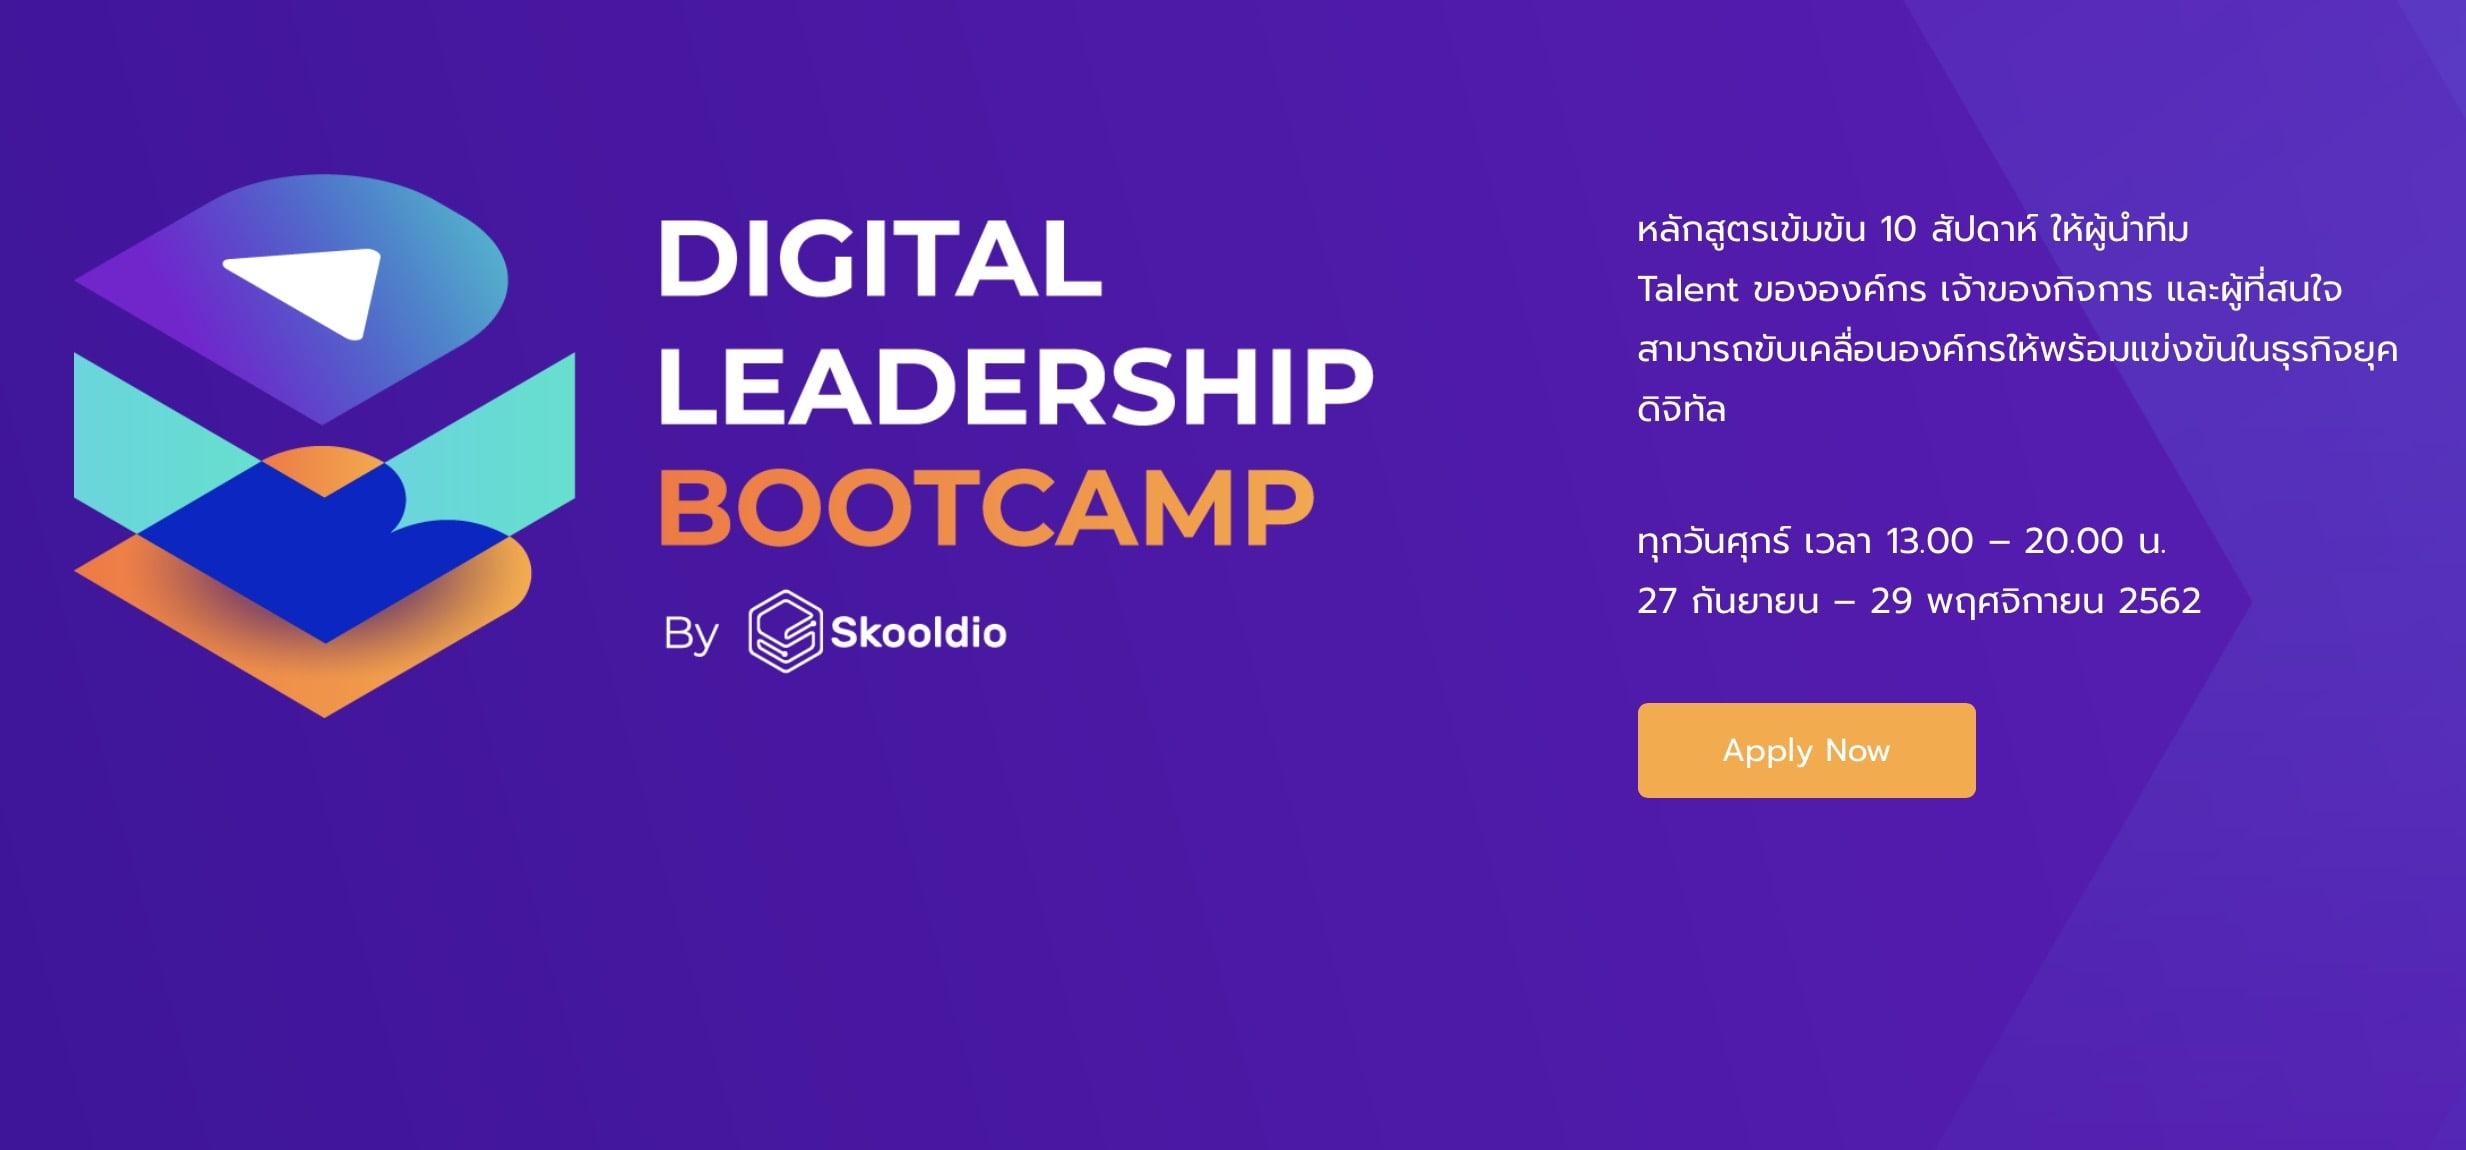 Skooldio Digital Leadership Bootcamp Banner